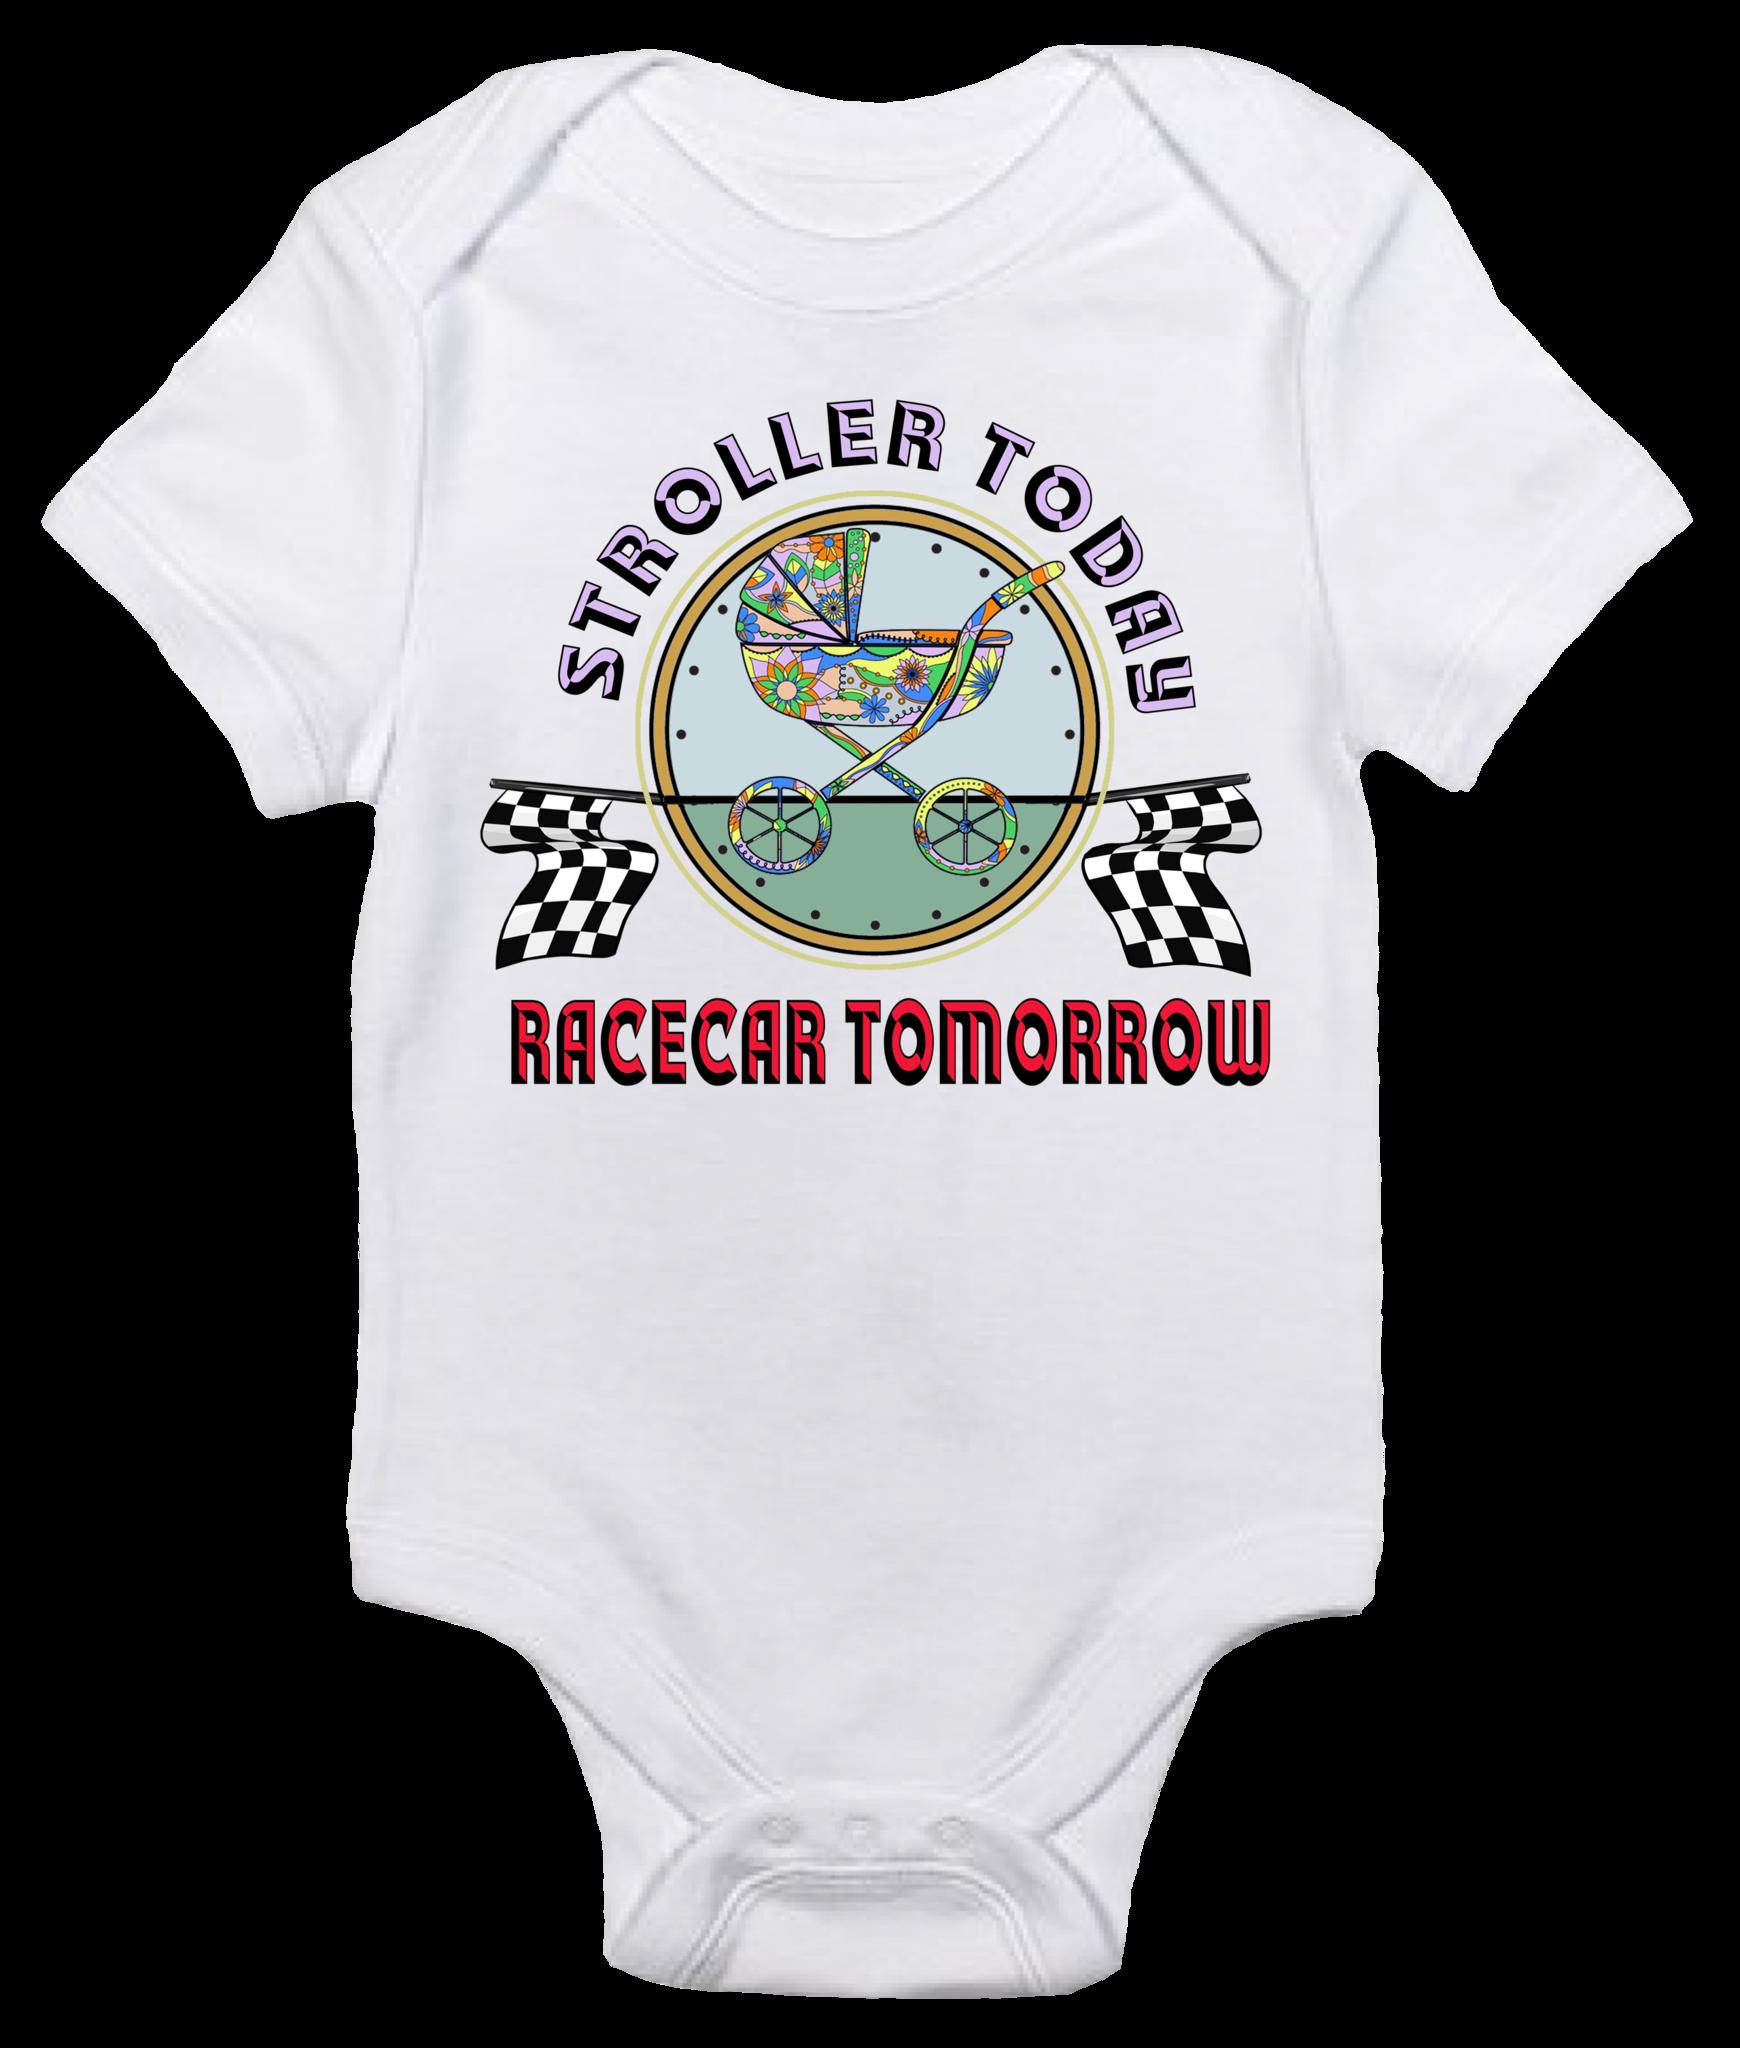 Baby Bodysuit Stroller Today Racecar Tomorrow